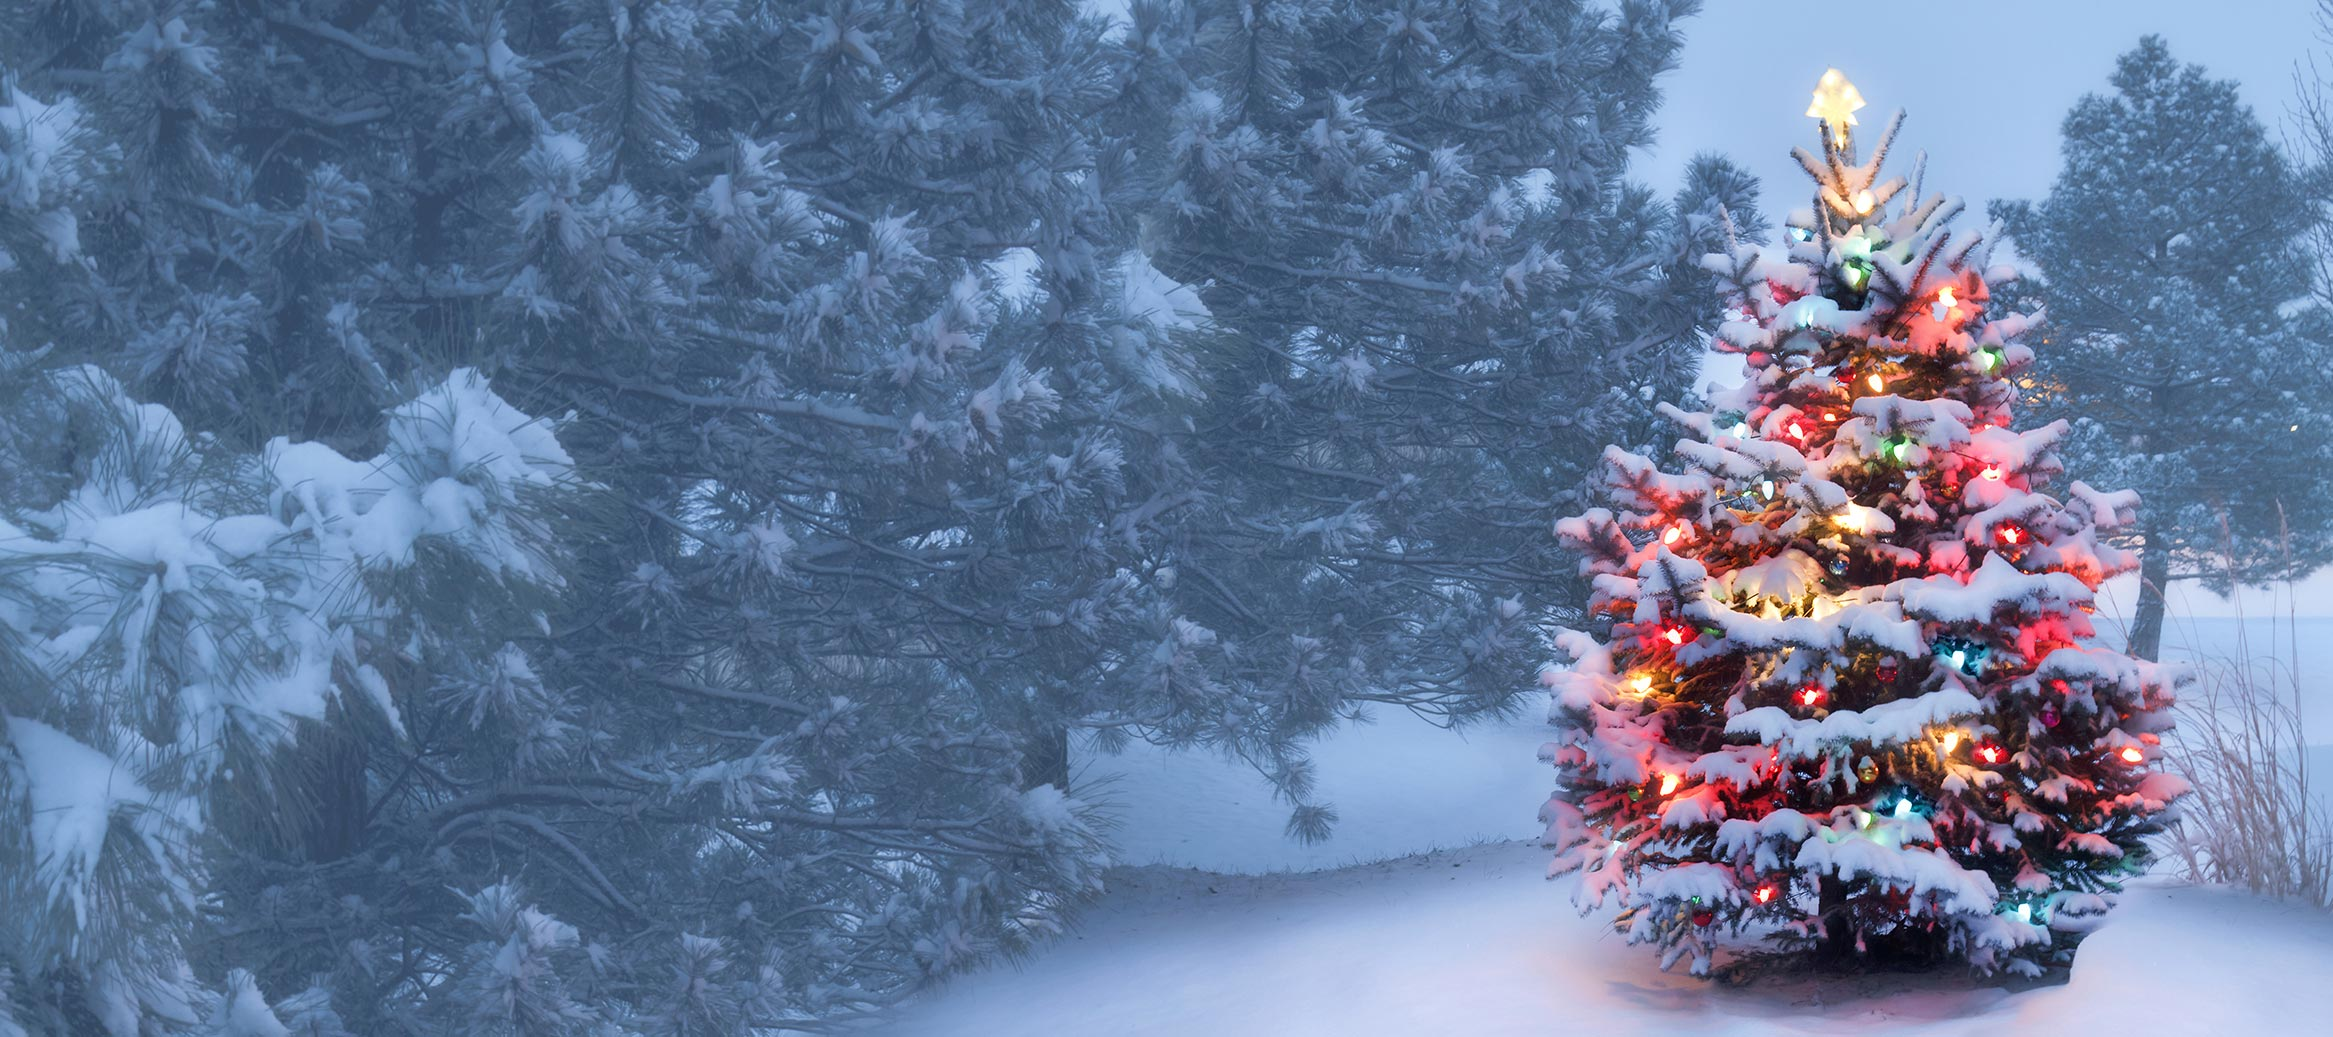 Le Premier Noël Sans Toi